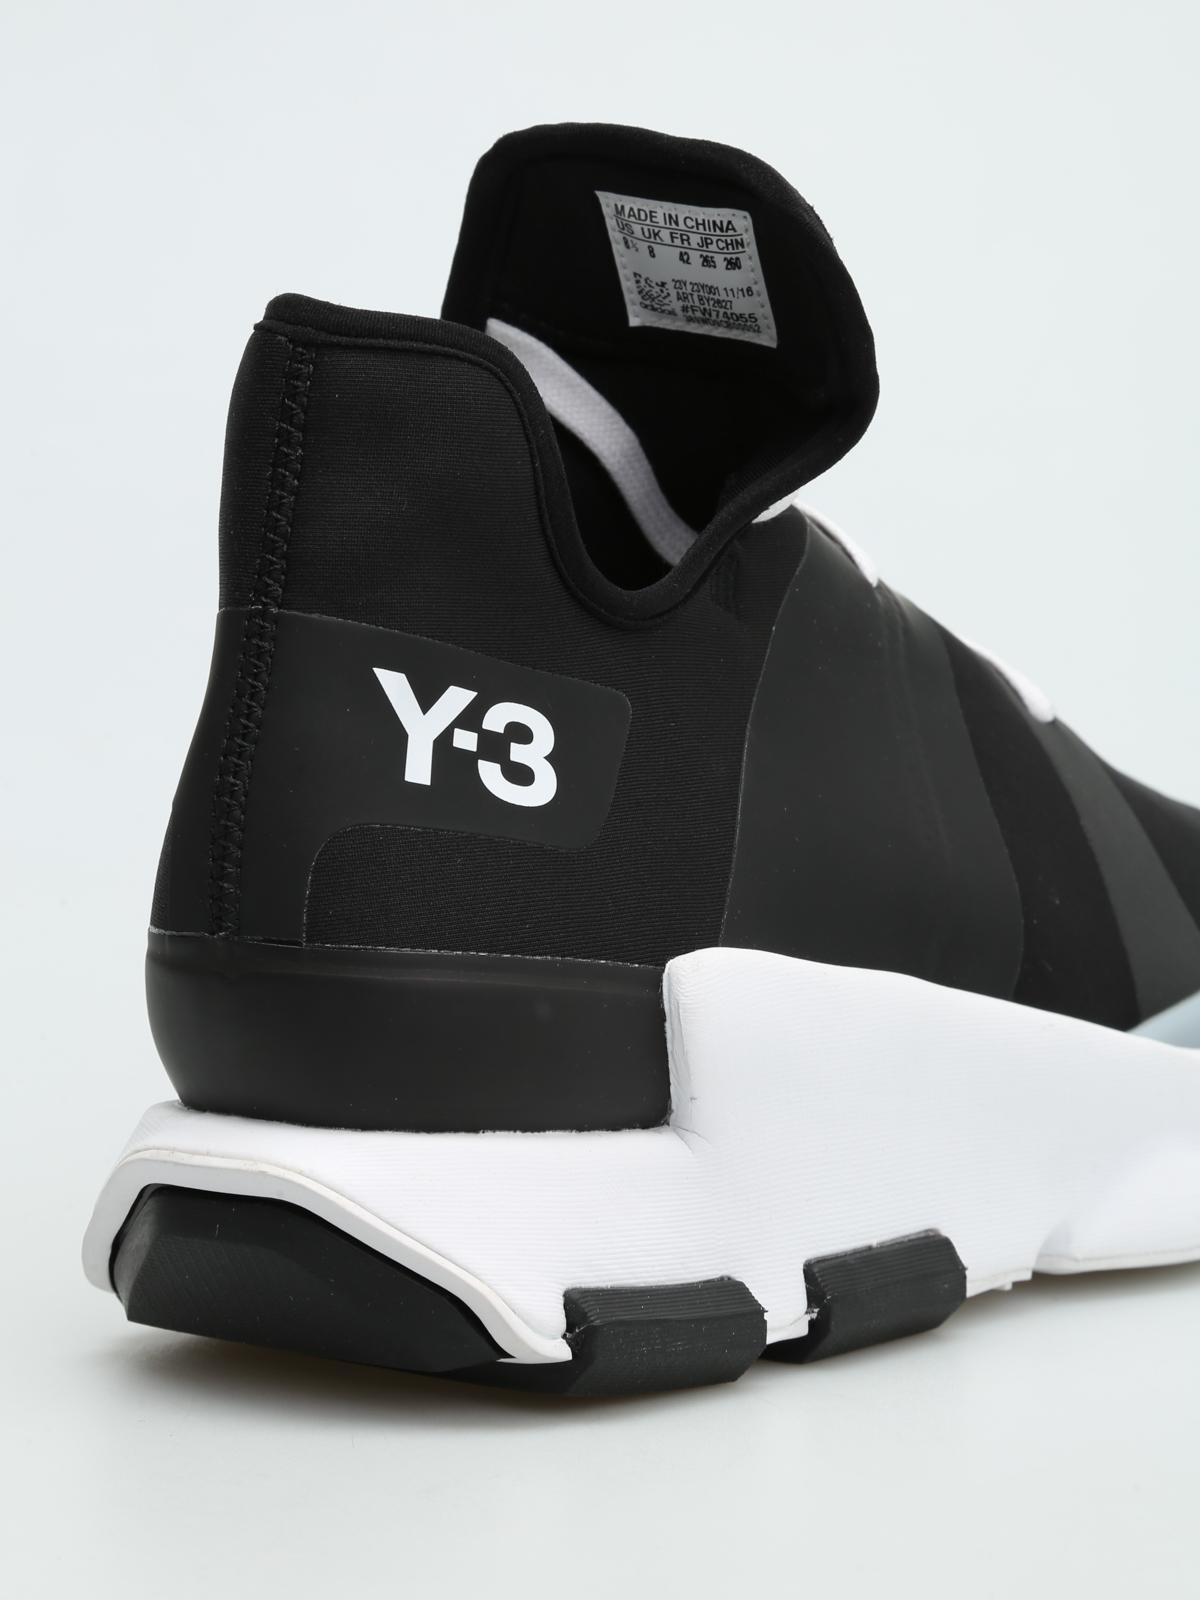 sports shoes 836da d6c53 Noci Low sneakers shop online  ADIDAS Y-3